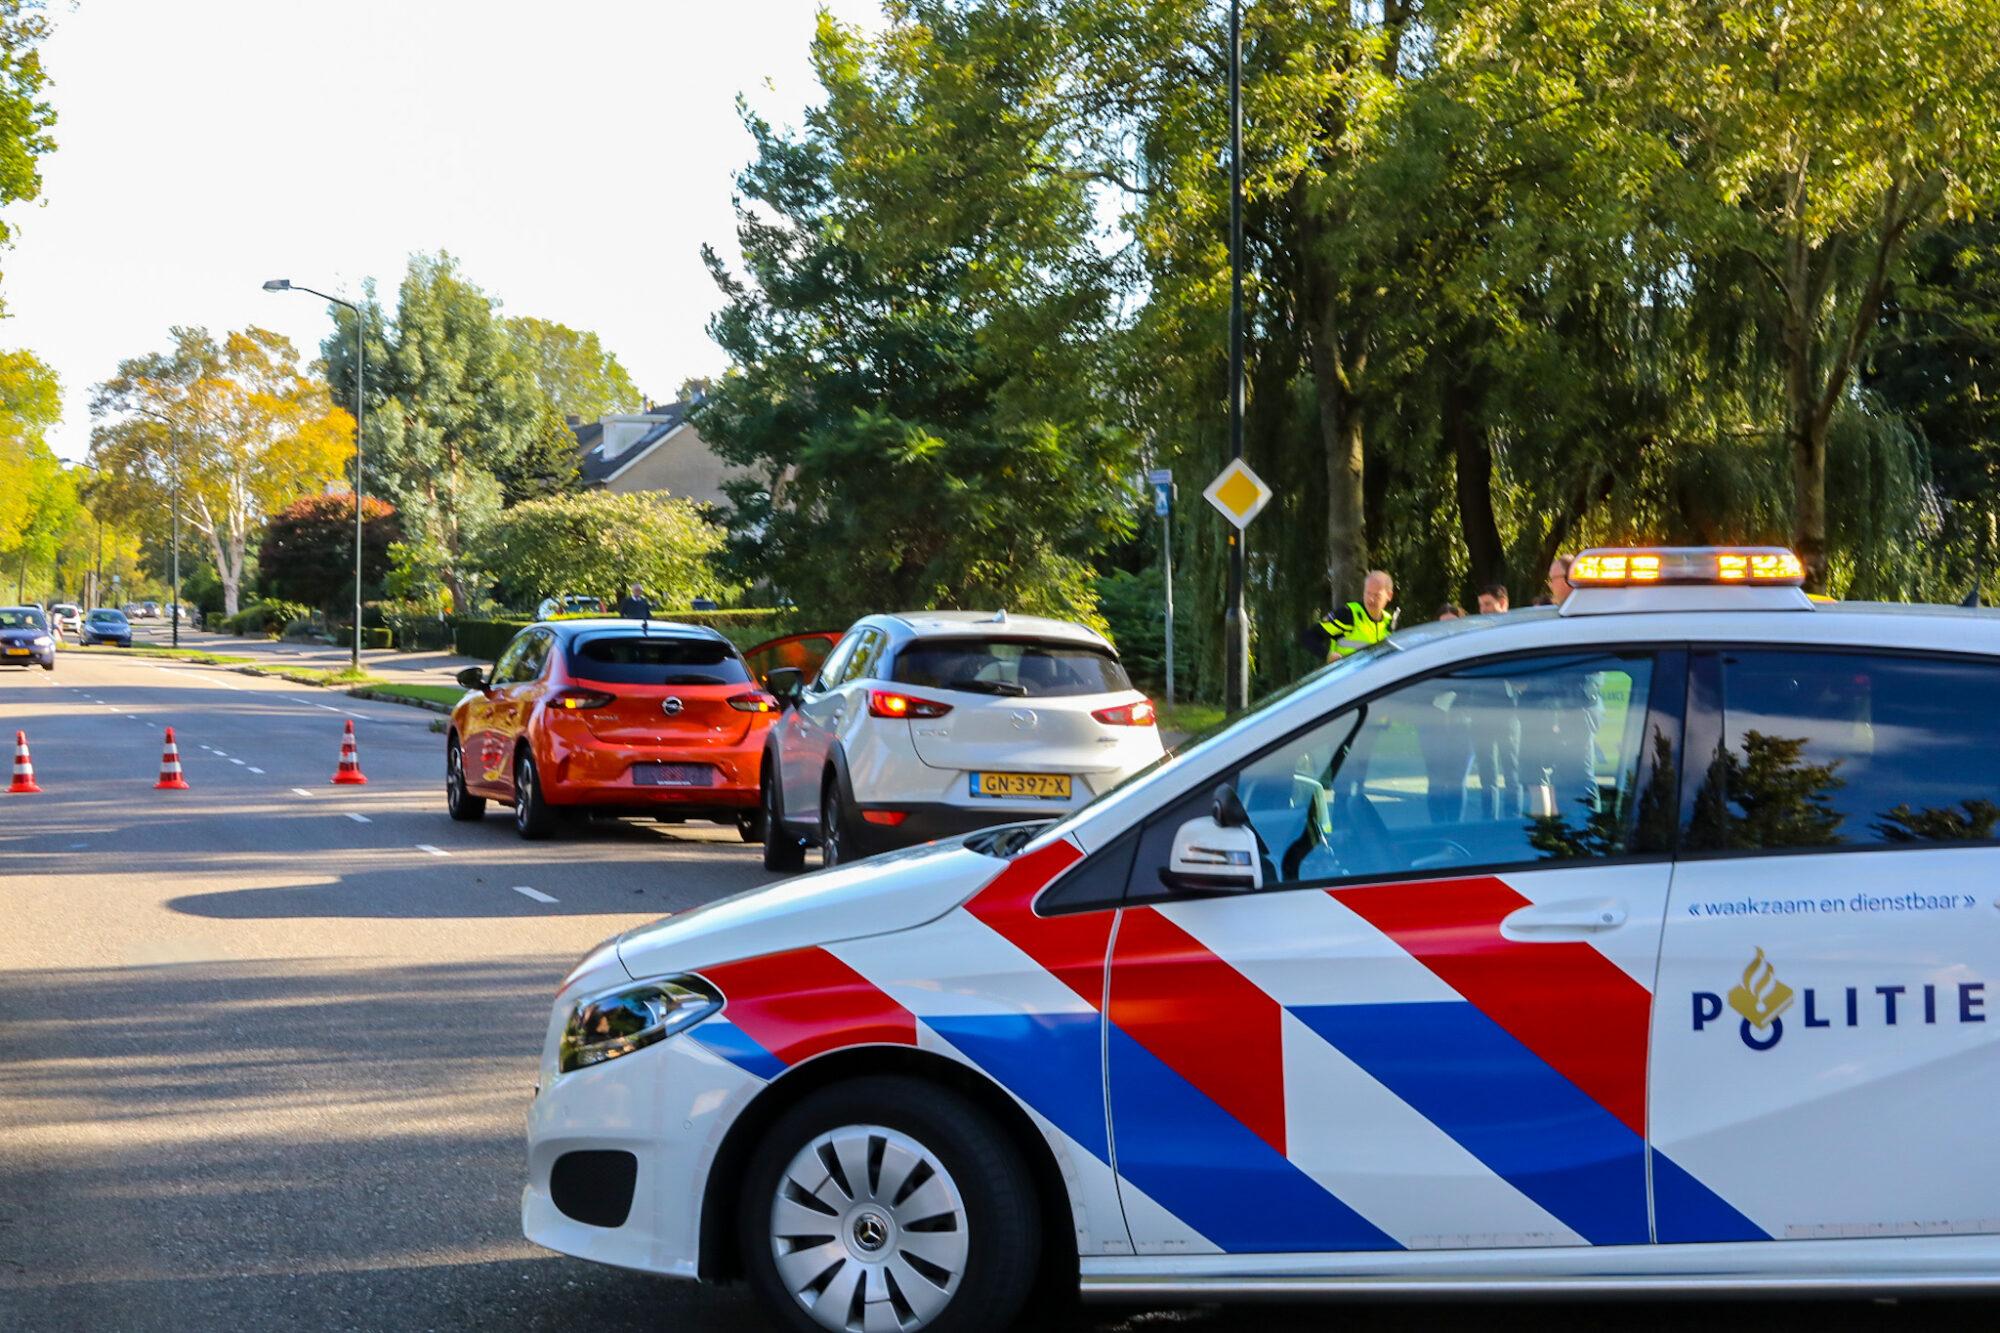 Een persoon lichtgewond bij aanrijding op Anklaarseweg in Apeldoorn